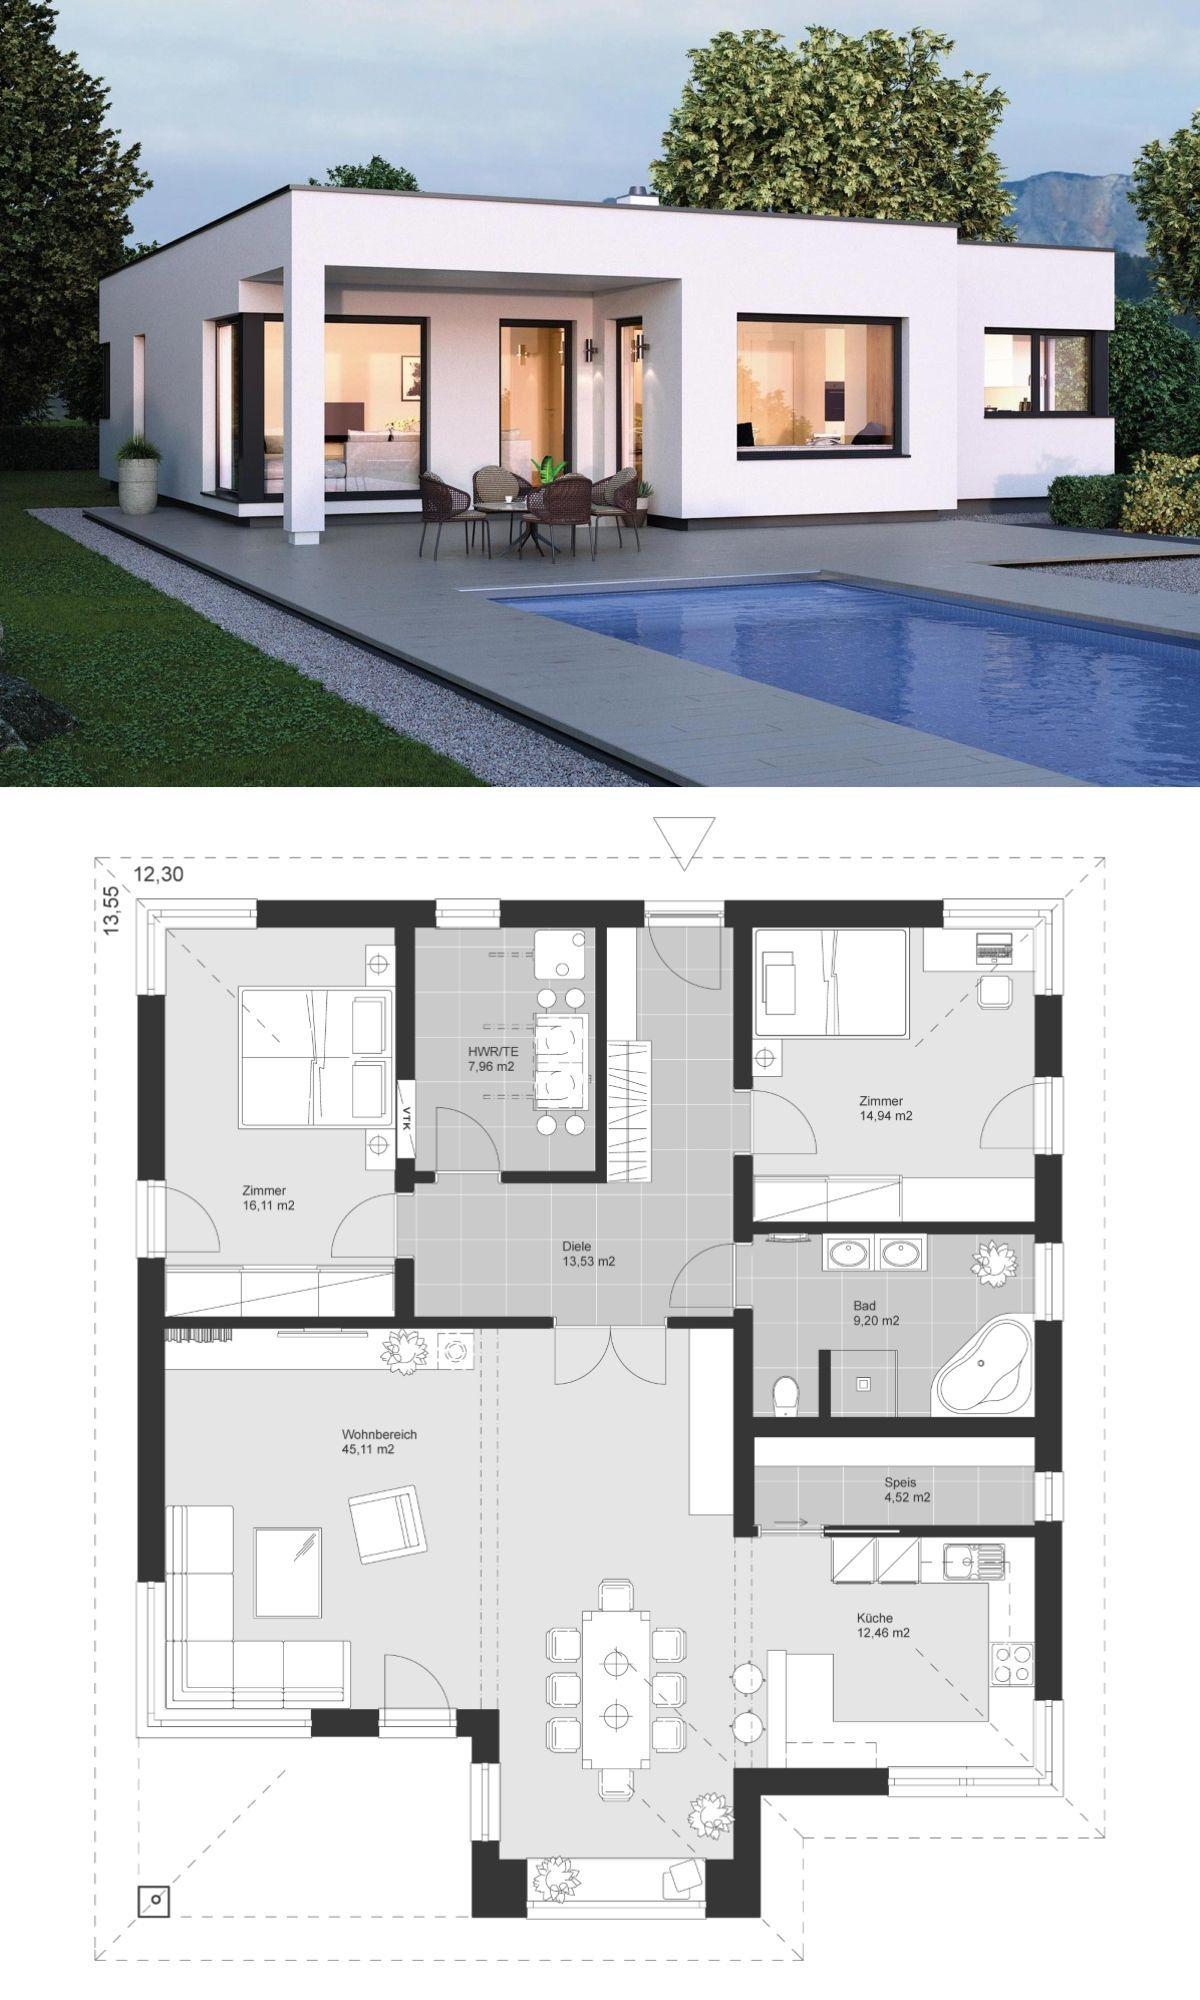 Moderner Bungalow Im Bauhaus Design Mit Flachdach Architektur